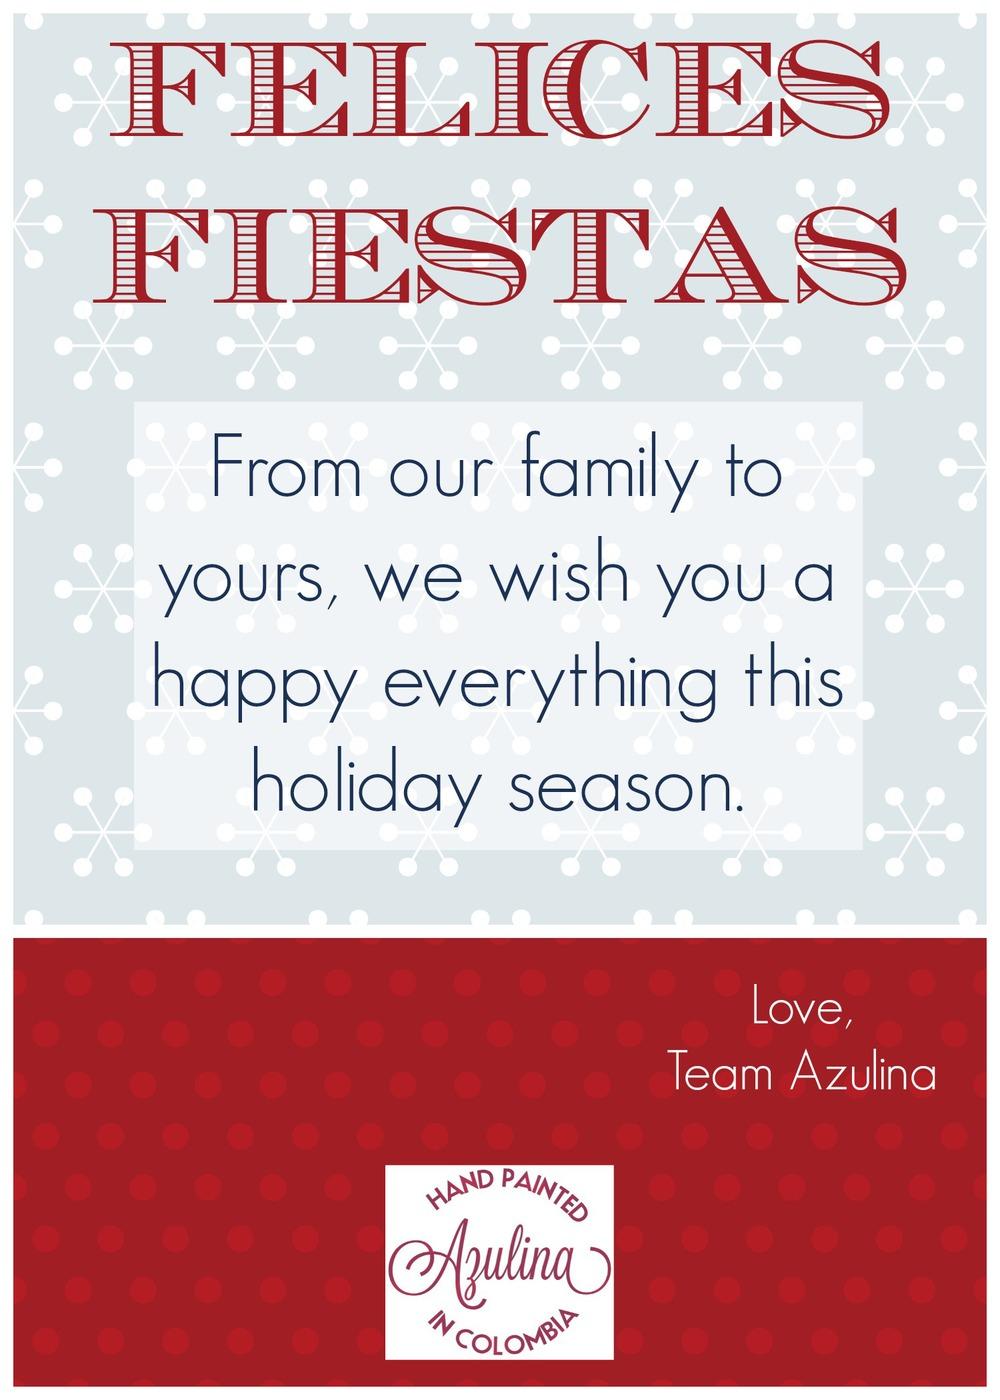 Felices Fiestas_v2.jpg